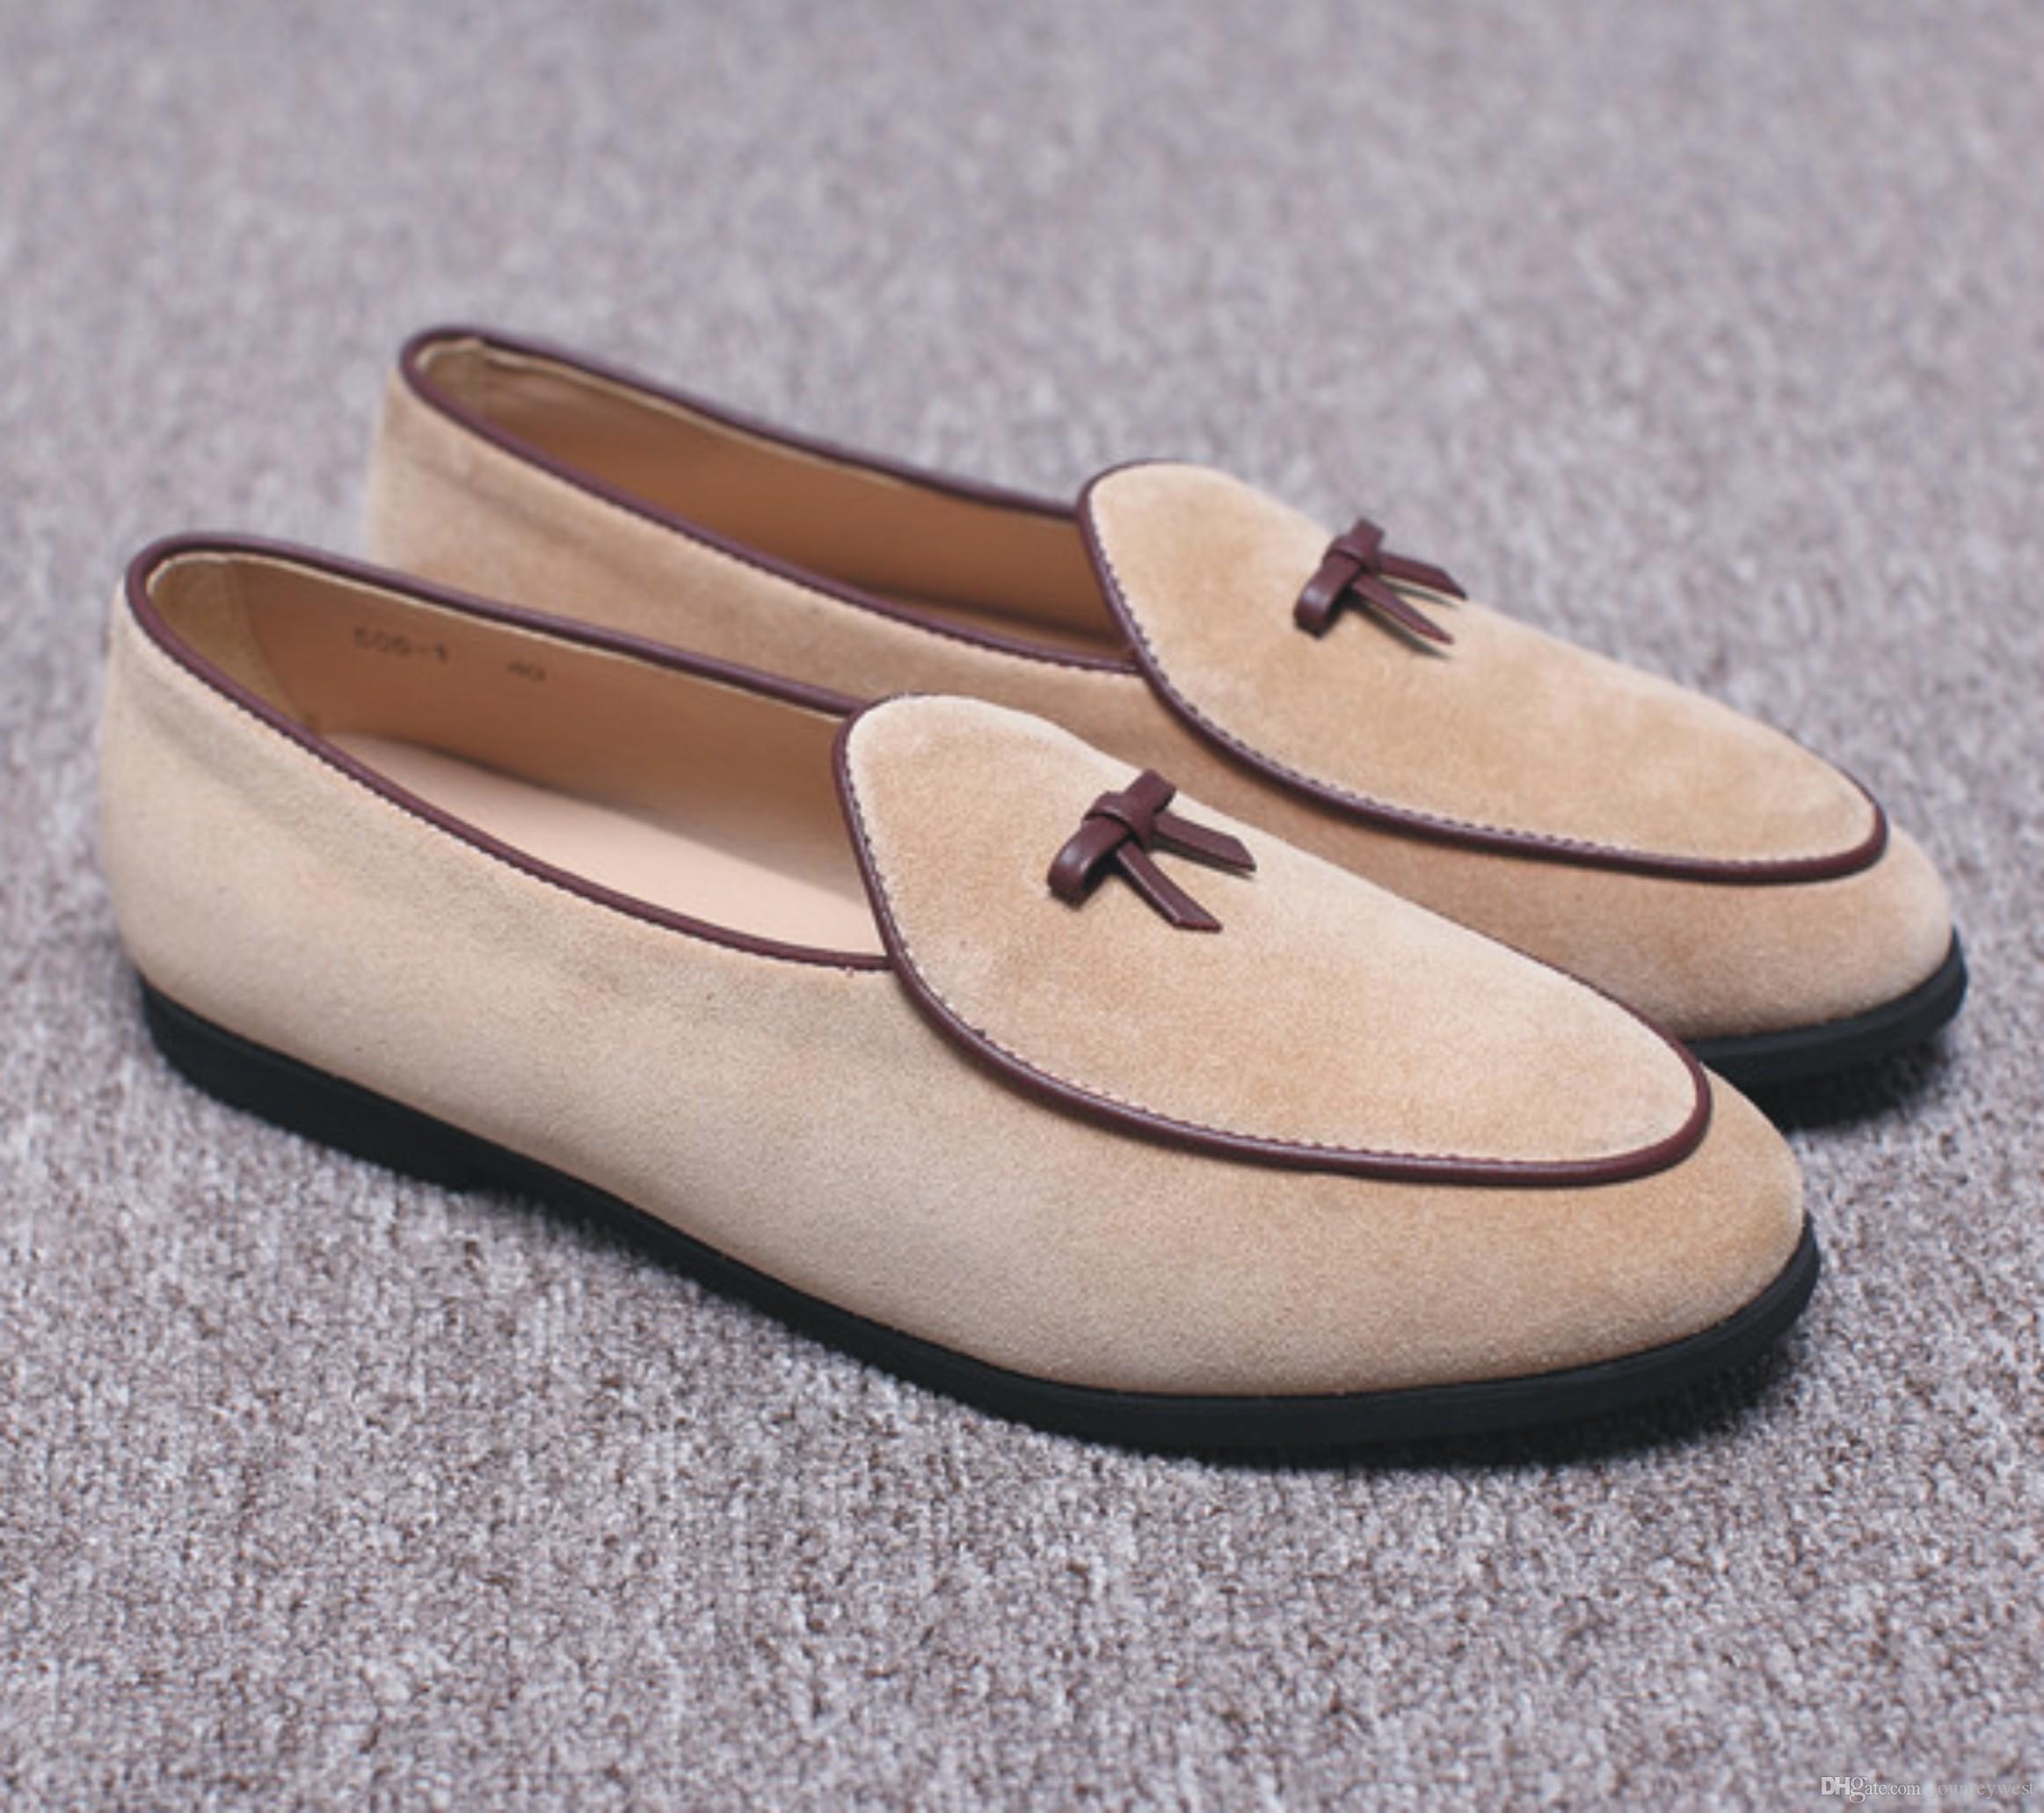 c94d720d Compre Nueva Moda Para Hombre De Cuero De Gamuza Mocasines Slip En Los Zapatos  Casuales Zapatos De Vestir Belgas Zapatillas Pisos De Los Hombres Con  Bowtie ...